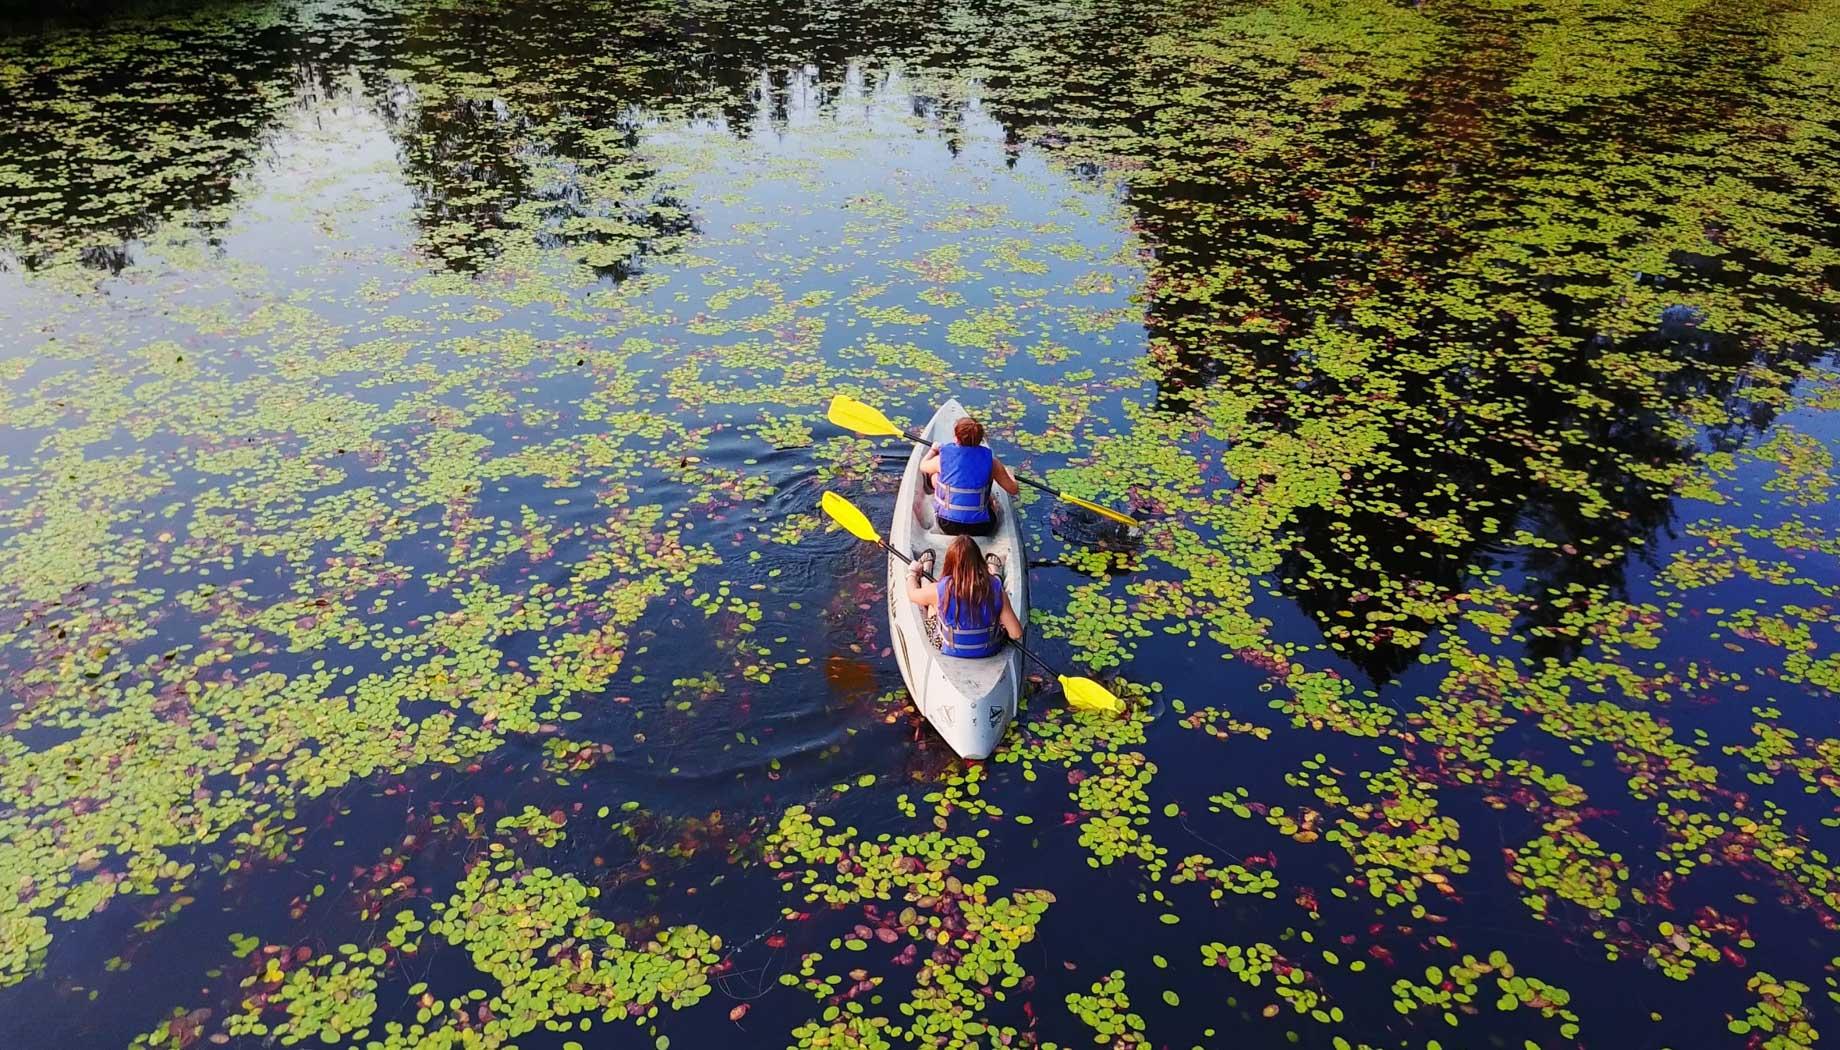 Kids kayaking in pond